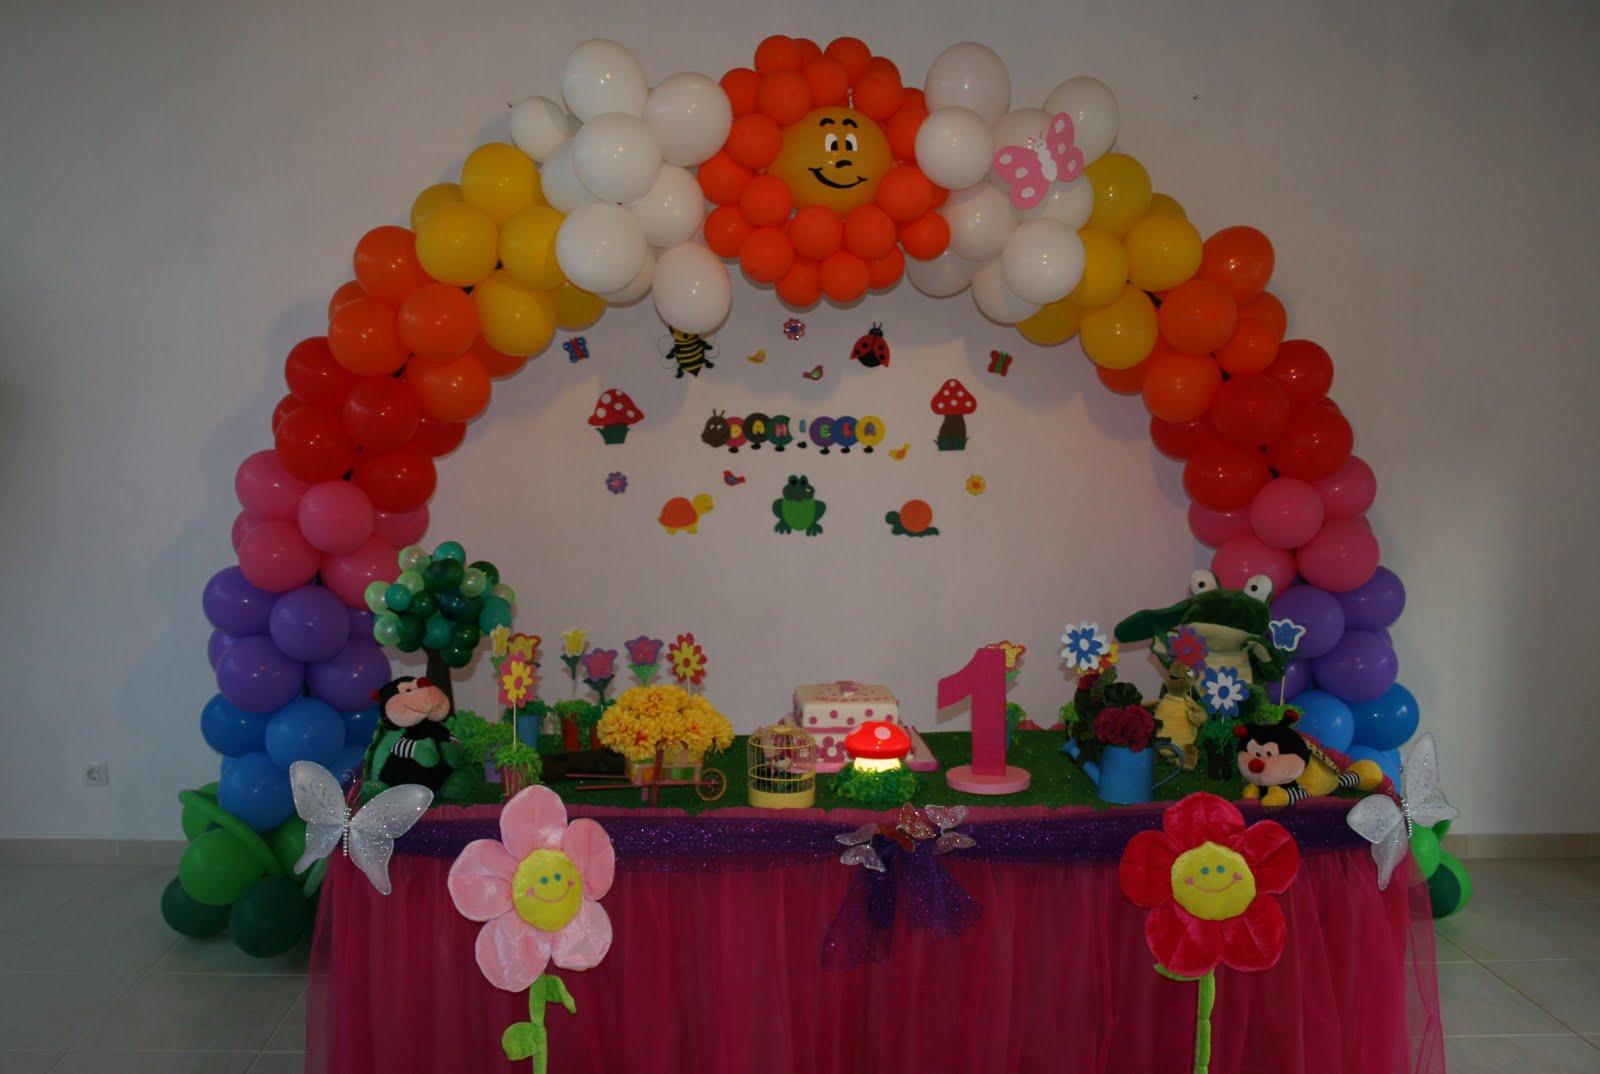 decoracao de aniversario tema jardim encantado:Download Jardim Encantado Decoracao De Festa De Aniversario Infantil